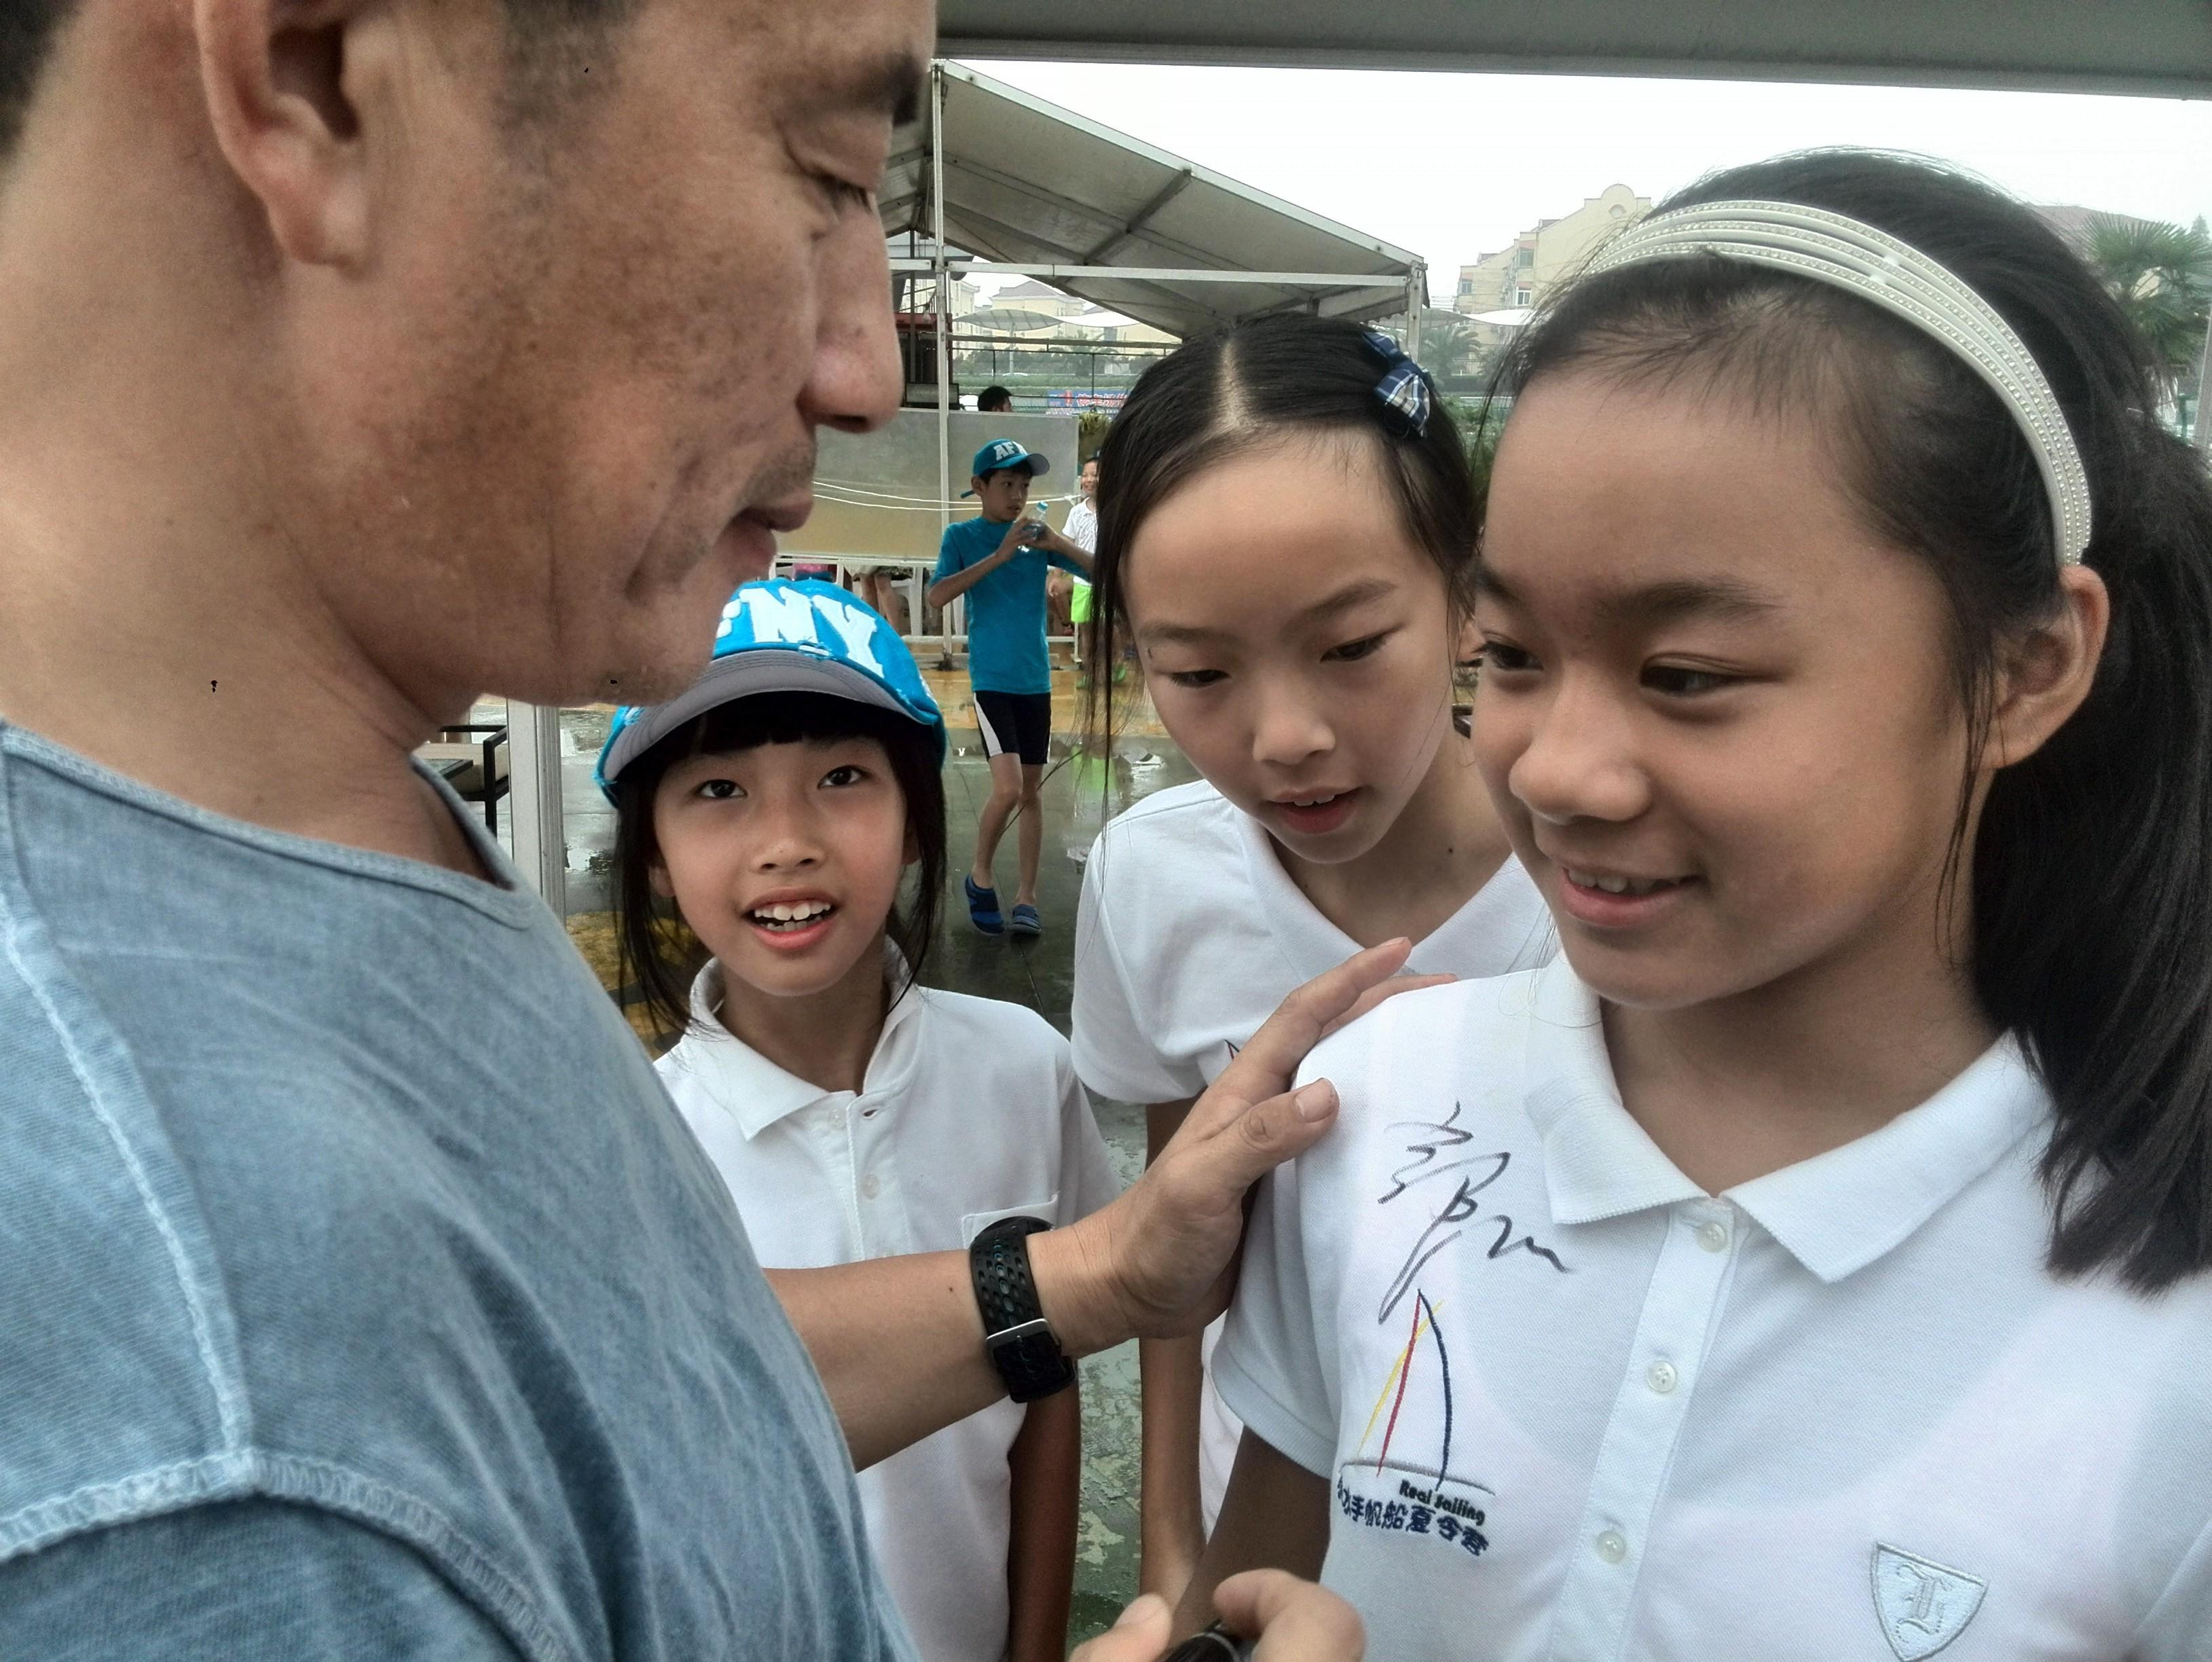 夏令营,上海 2015年上海航海夏令营之四    上海瑞欧帆船俱乐部航海夏令营 ee200854bb50a495f0c3c29f56037e49.jpg